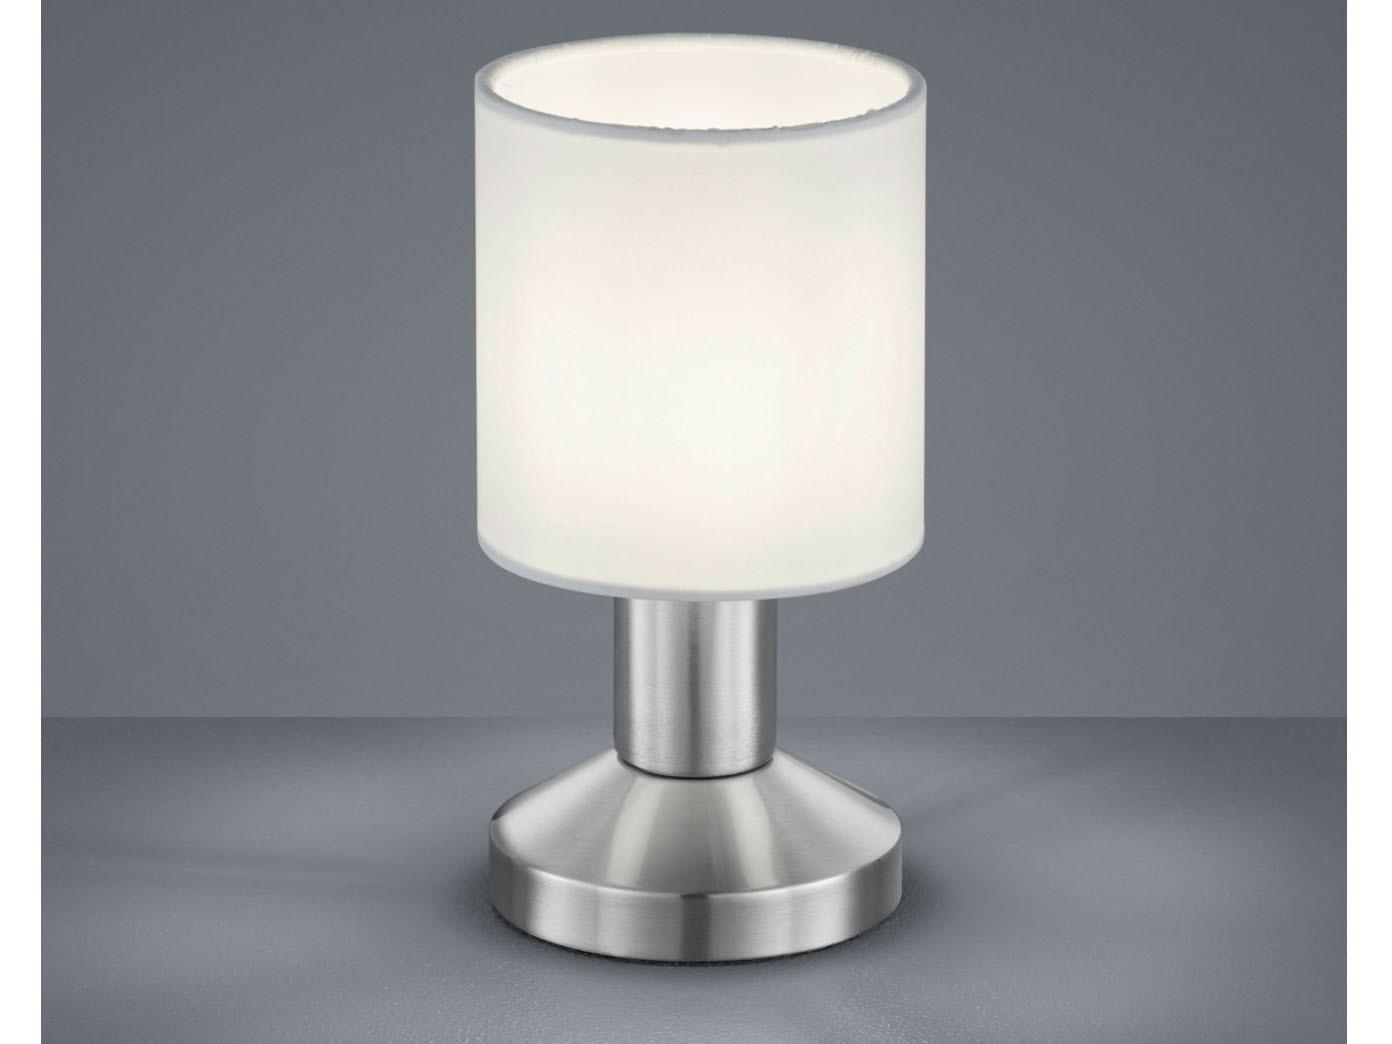 2er Set Tischleuchten Touch Lampenschirm Stoff weiß Tischlampe Nachttischlampe